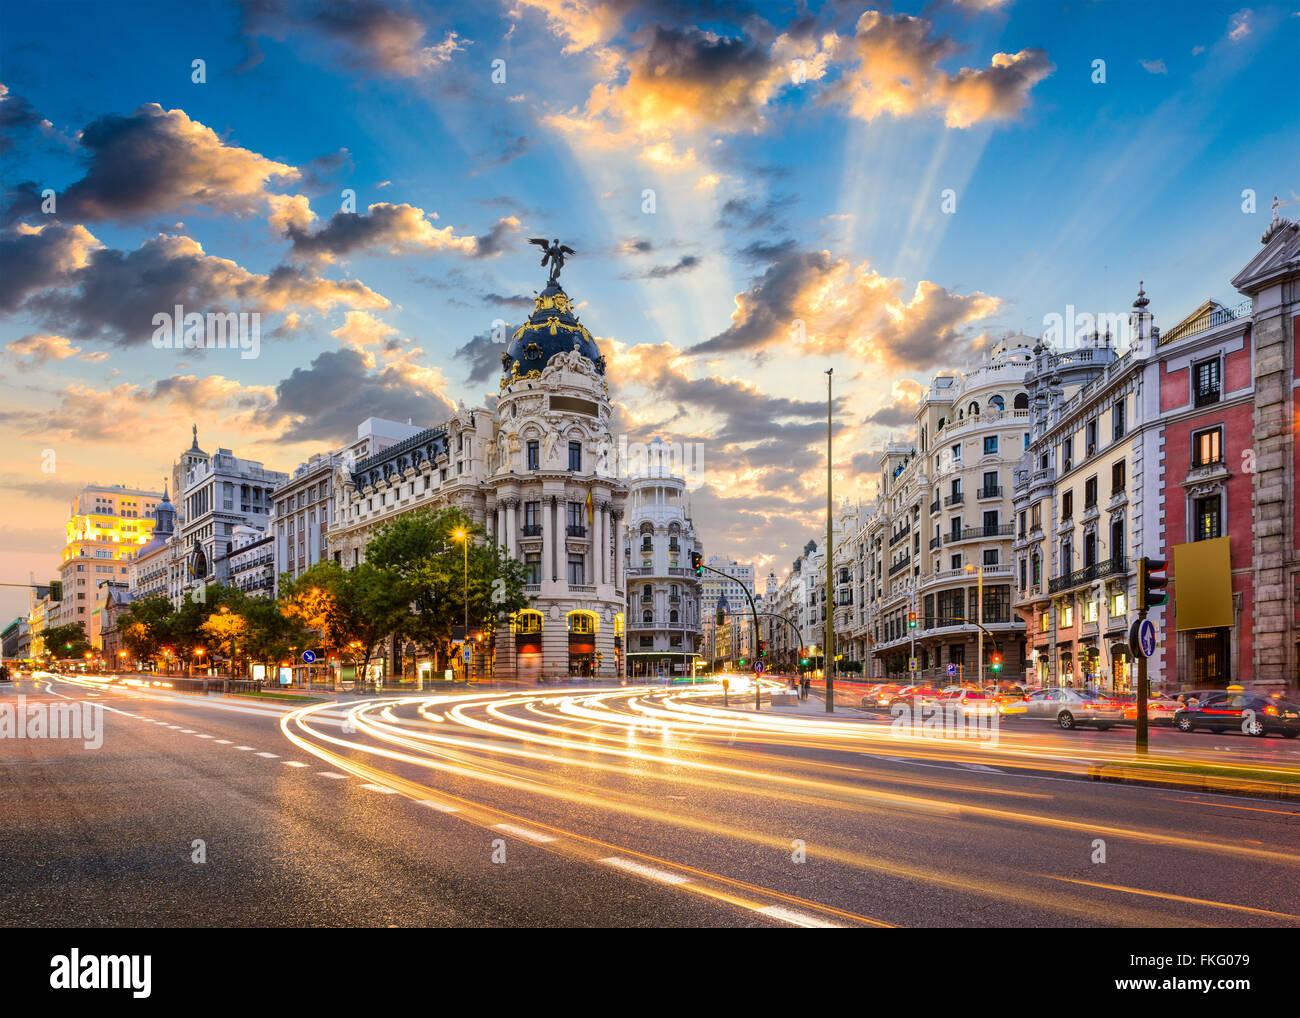 Madrid, Spagna paesaggio urbano di Calle de Alcalá e la Gran Via. Immagini Stock